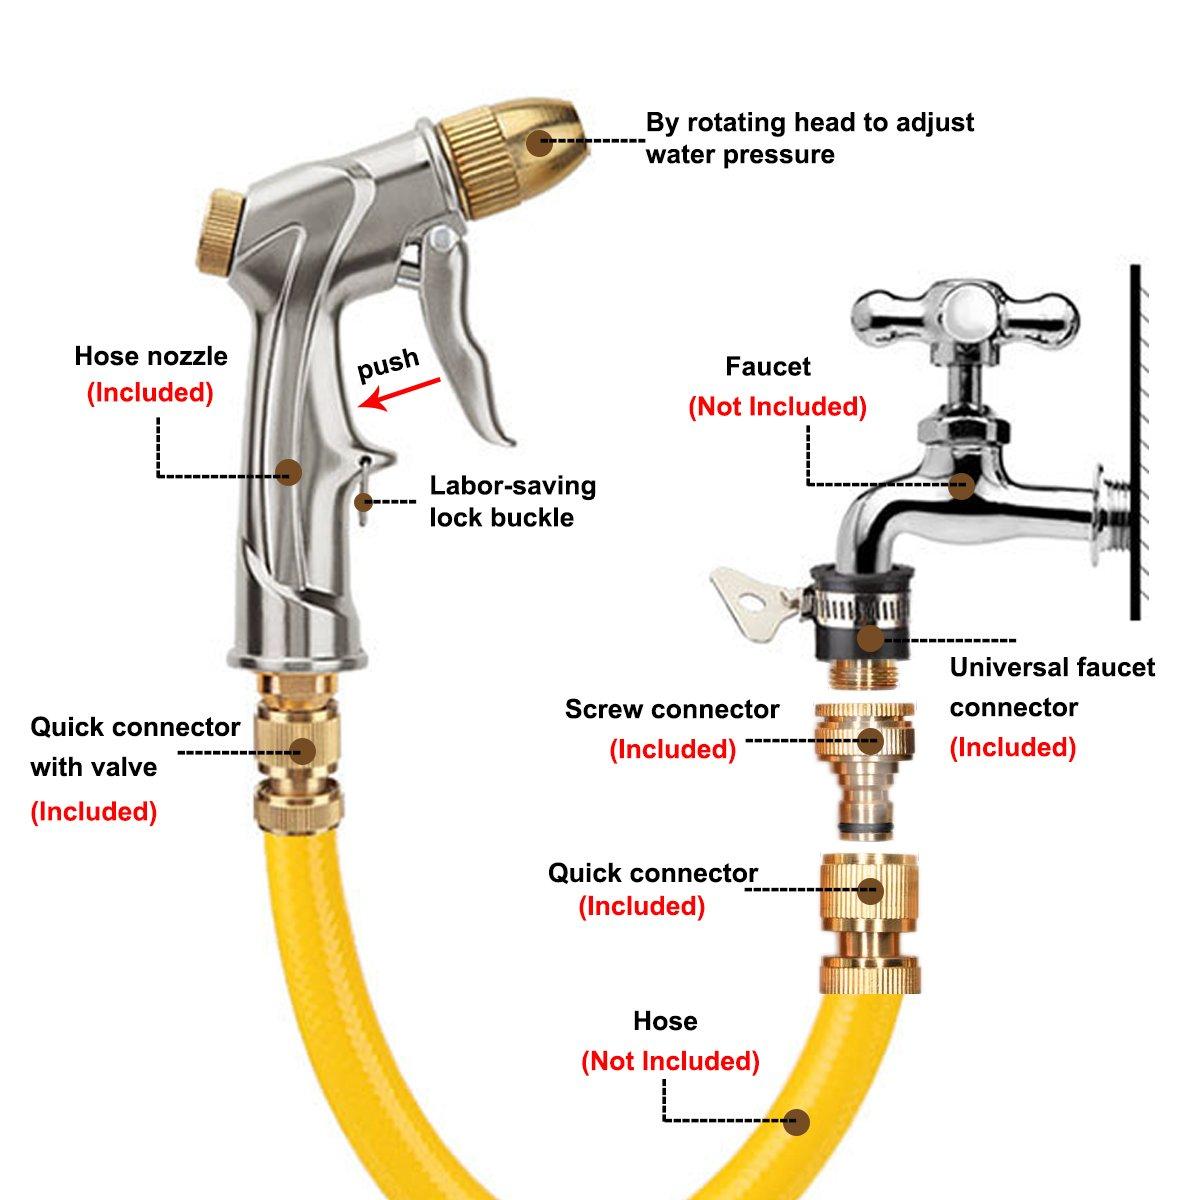 Ugello per tubo da giardino in rame resistente con spruzzatore ad alta pressione per autolavaggio irrigazione arbusti e piante lavaggio animali domestici Joso